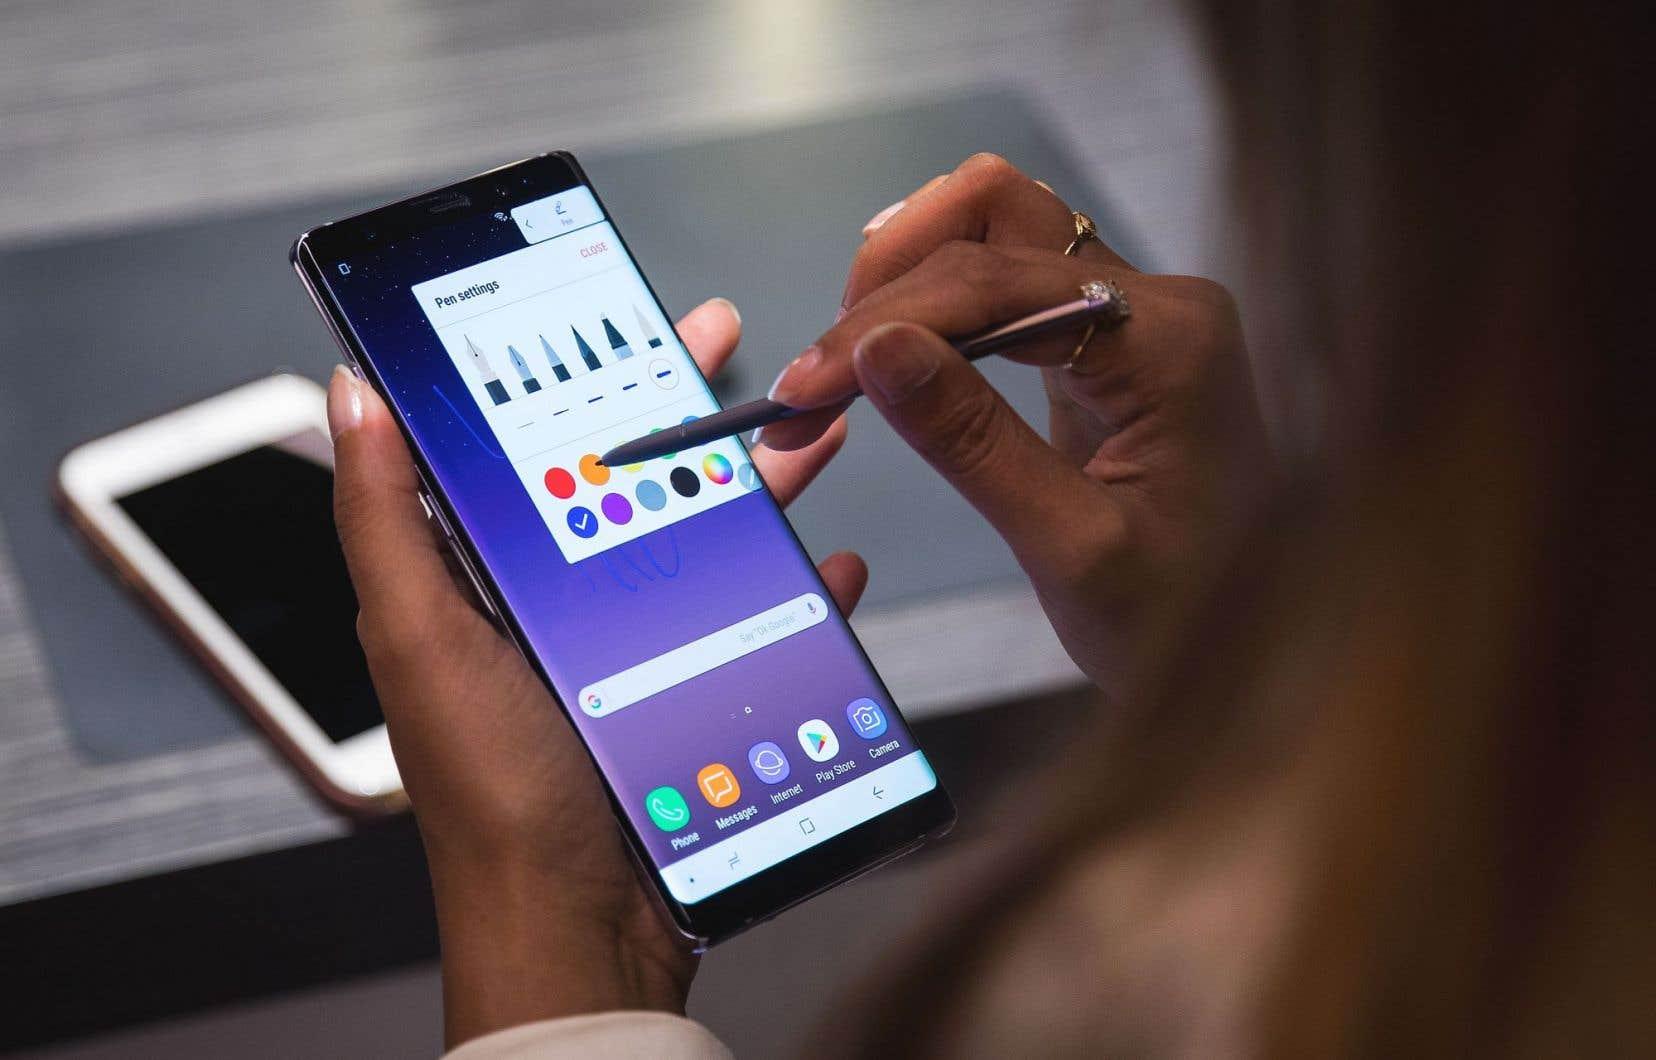 Une femme teste un nouveau modèle de téléphone intelligent, lors du lancement de celui-ci à New York.